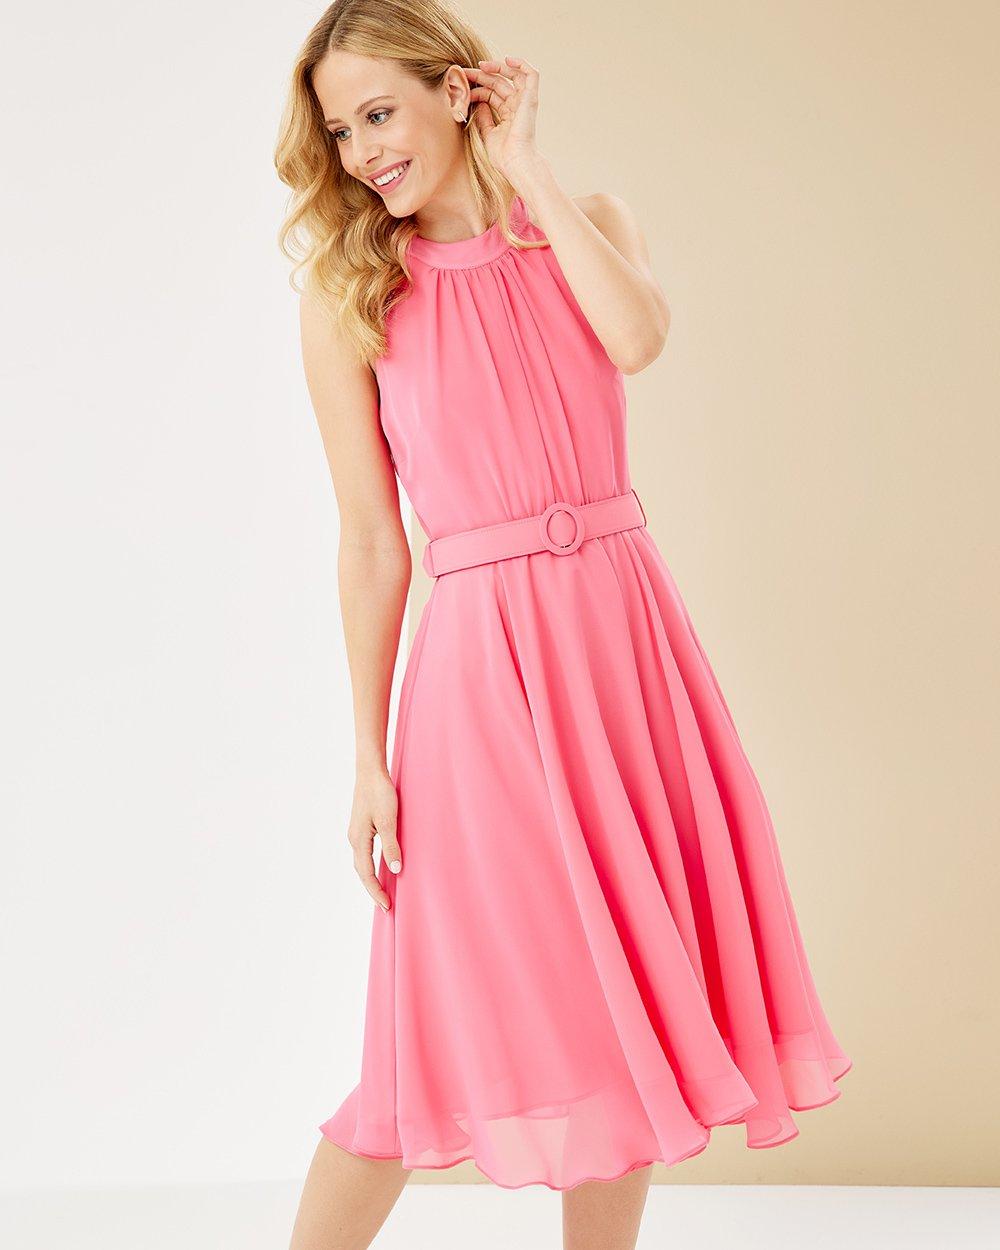 Φόρεμα midi λοξό με παρτούς ώμους